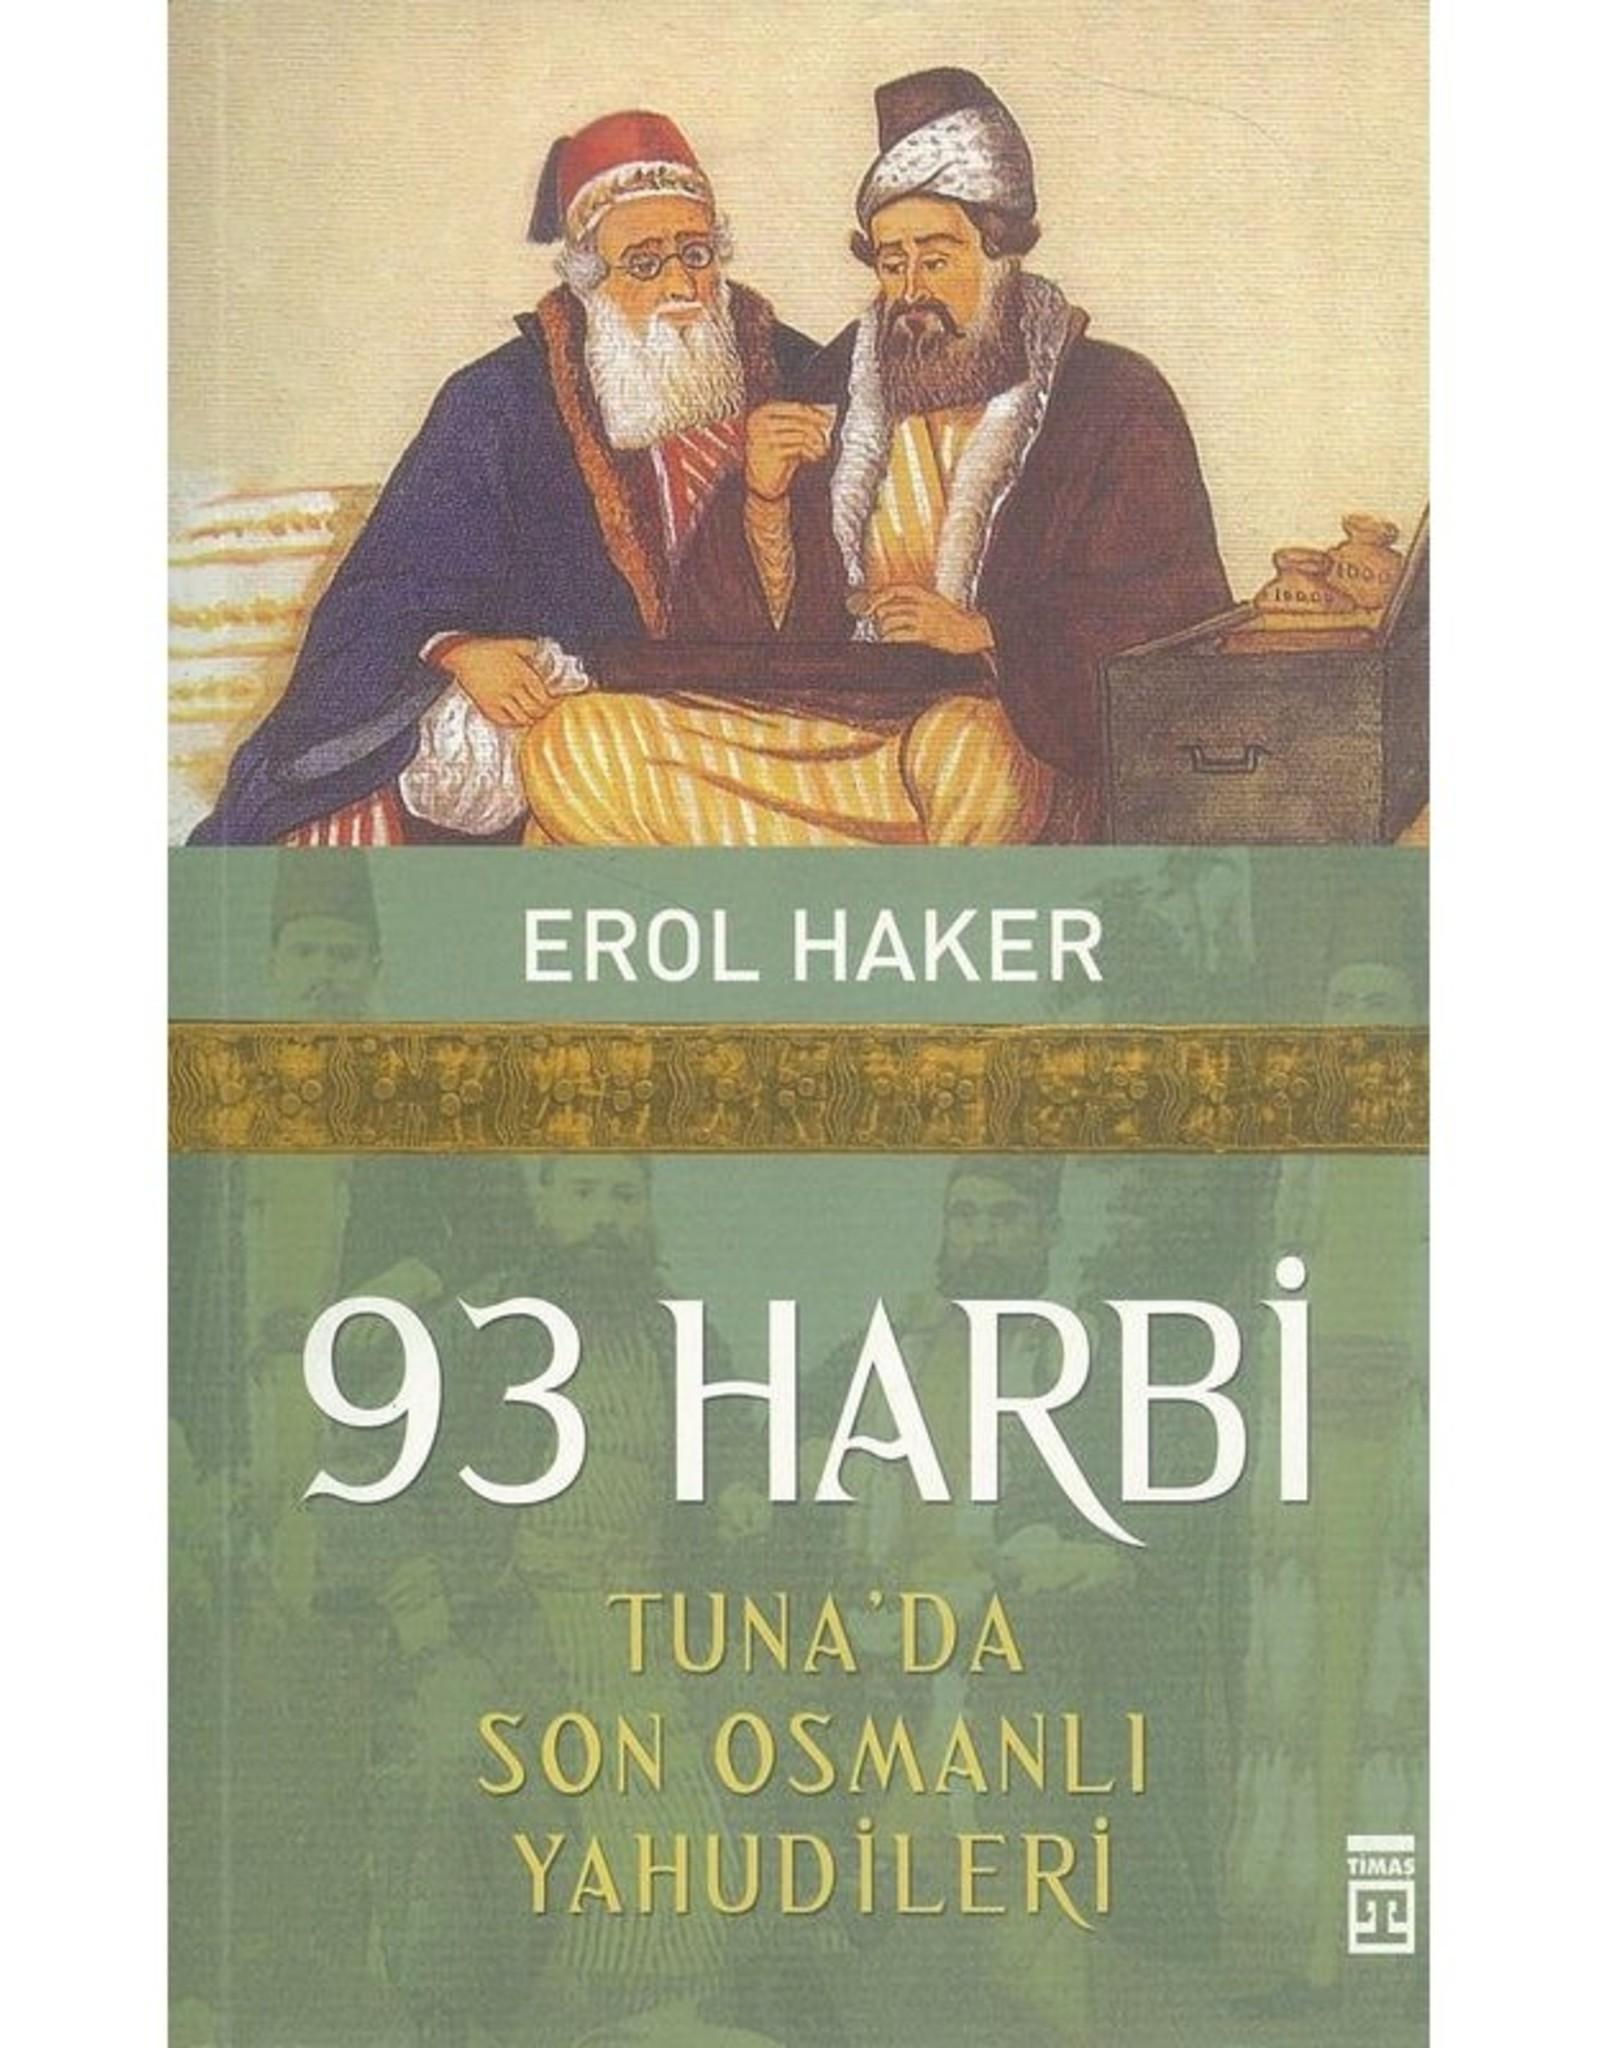 93 Harbi Tuna'da Son Osmanlı Yahudileri